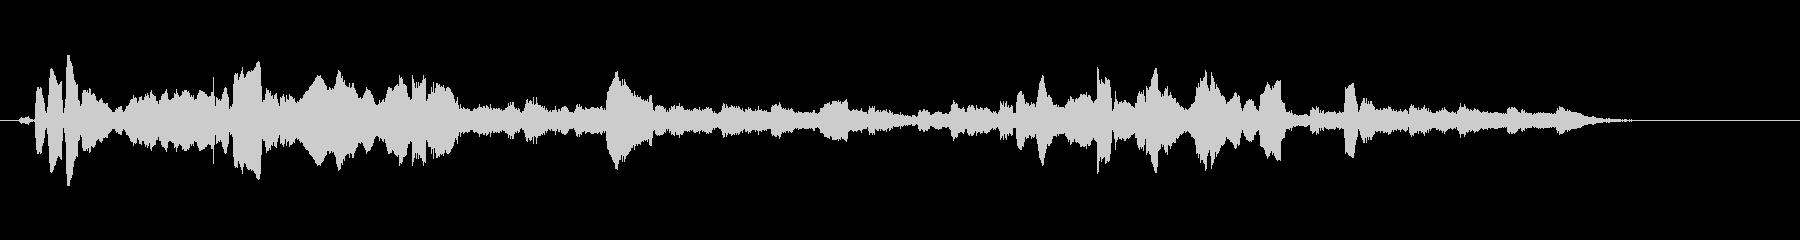 生演奏リコーダーのやまびこのような音楽の未再生の波形